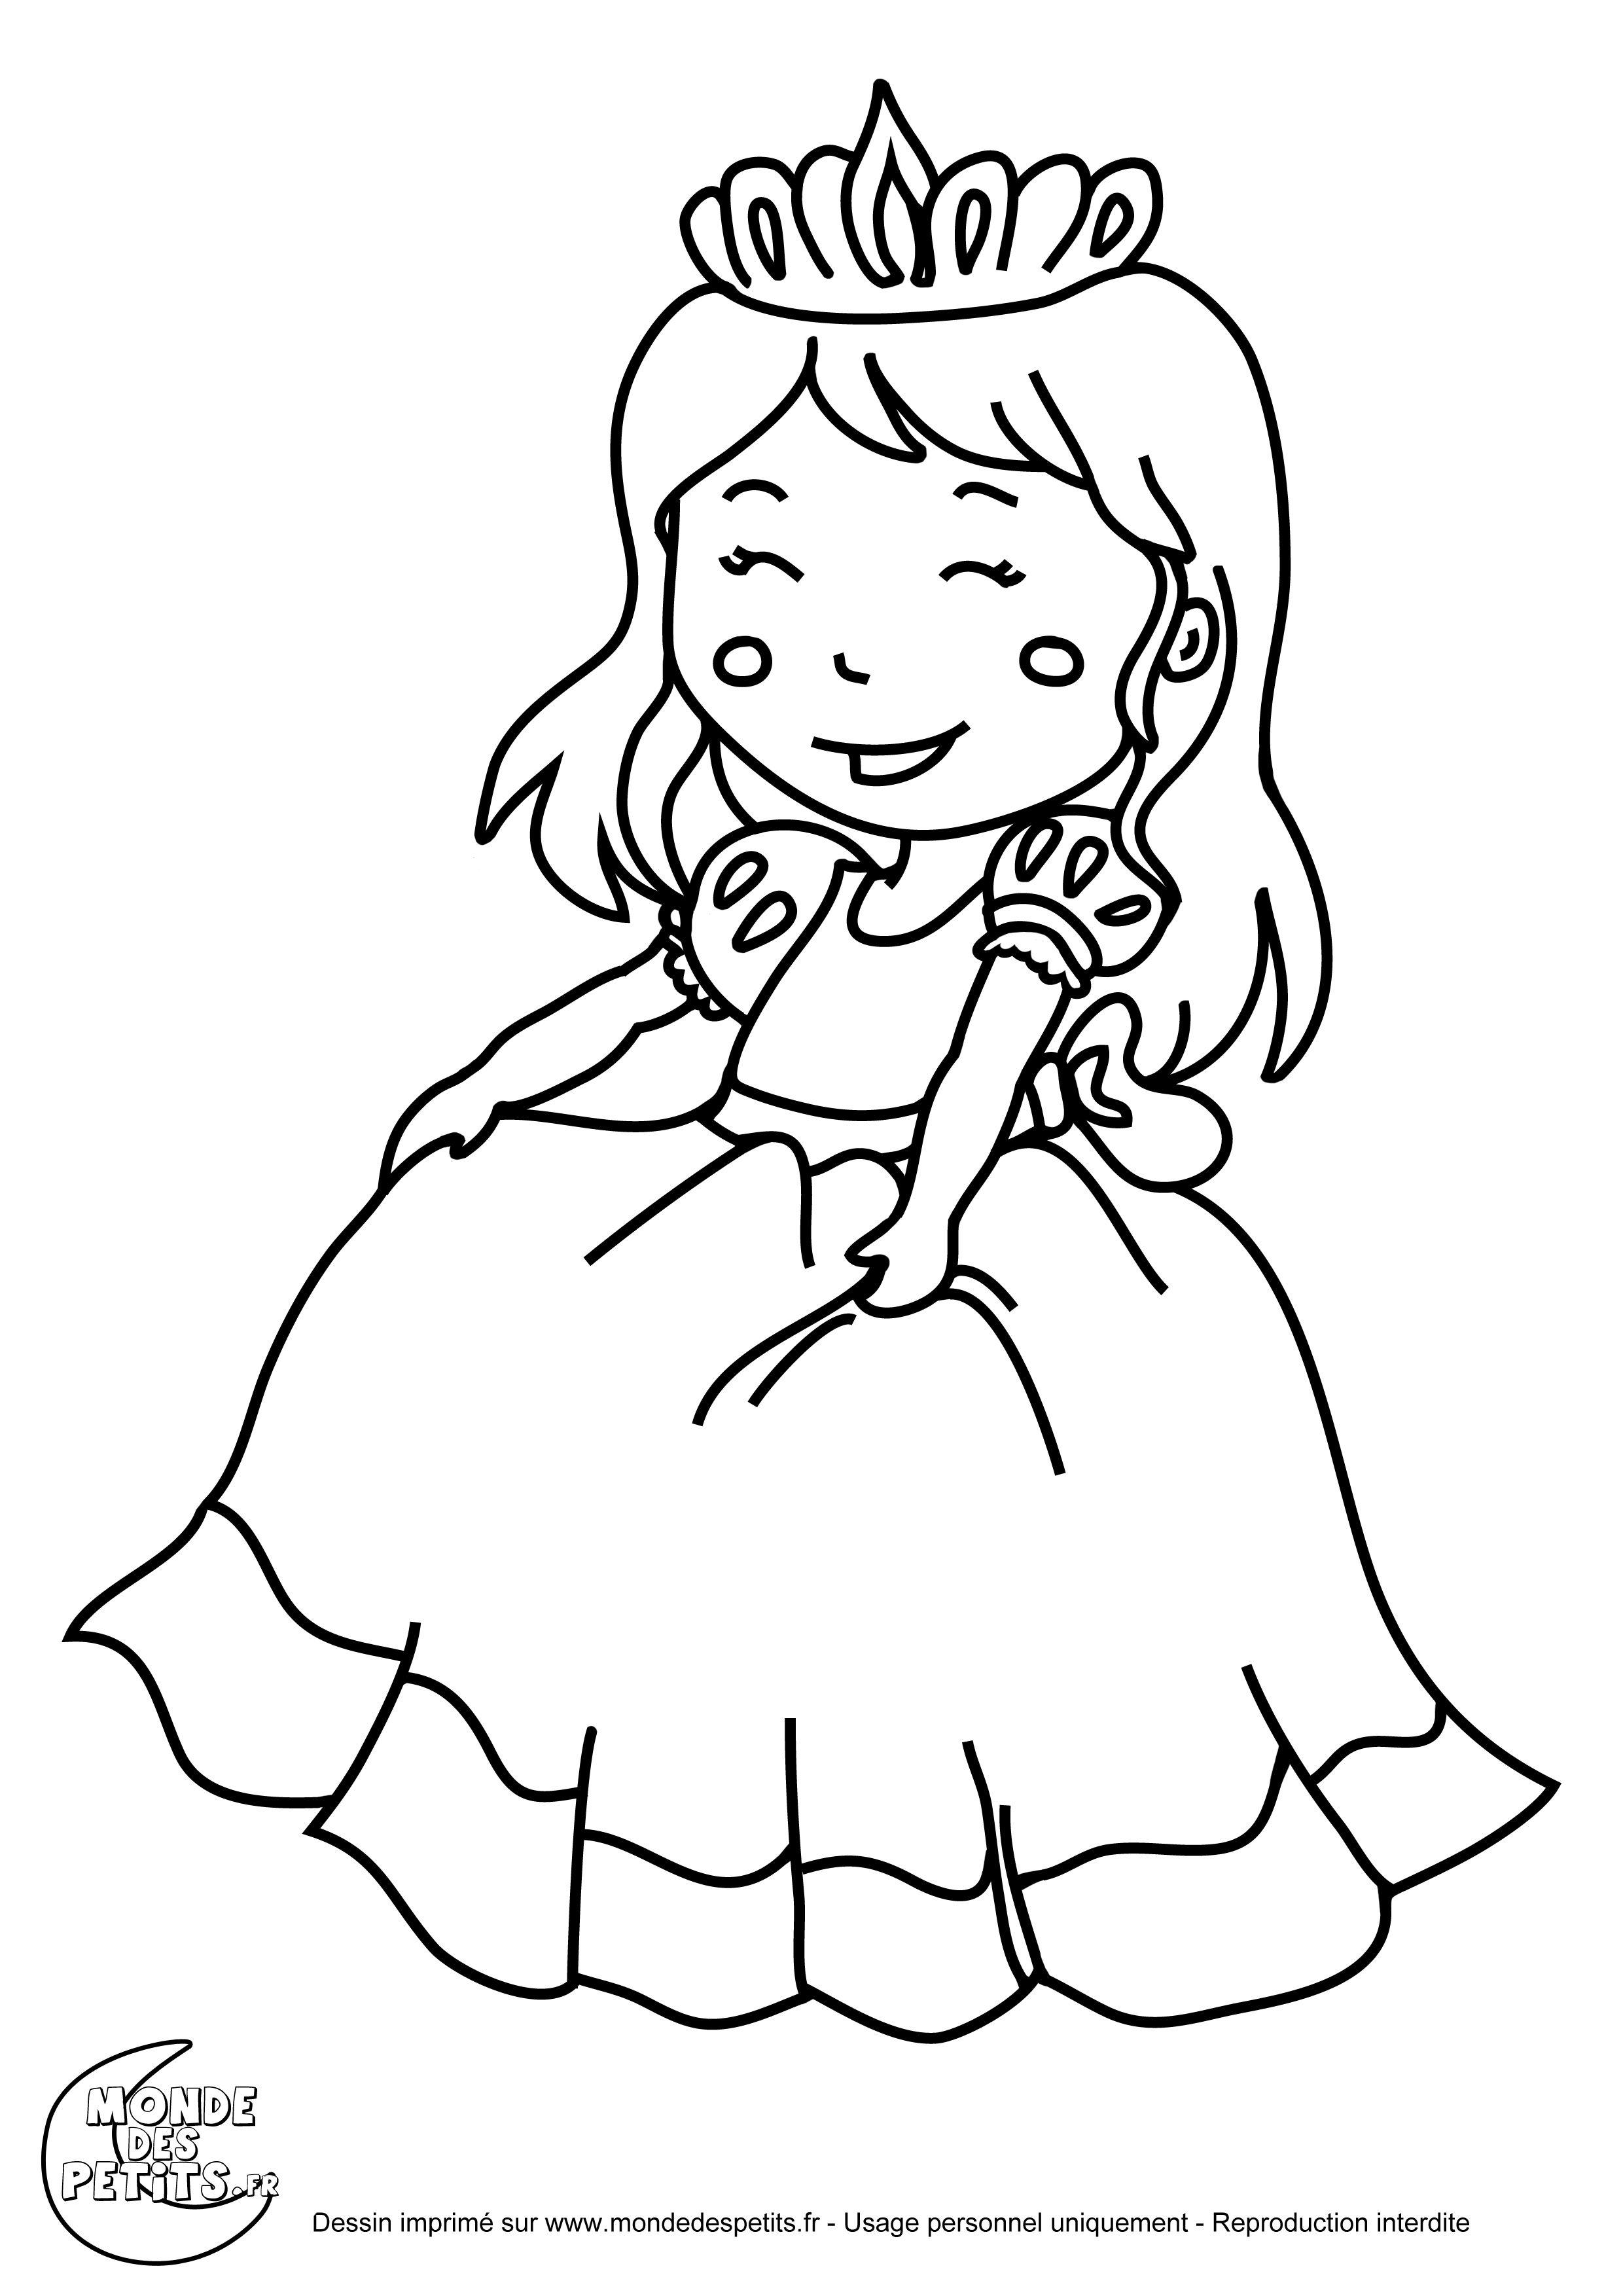 Dessin de princesse colorier image imprimer 12 c - Princesse a colorier ...